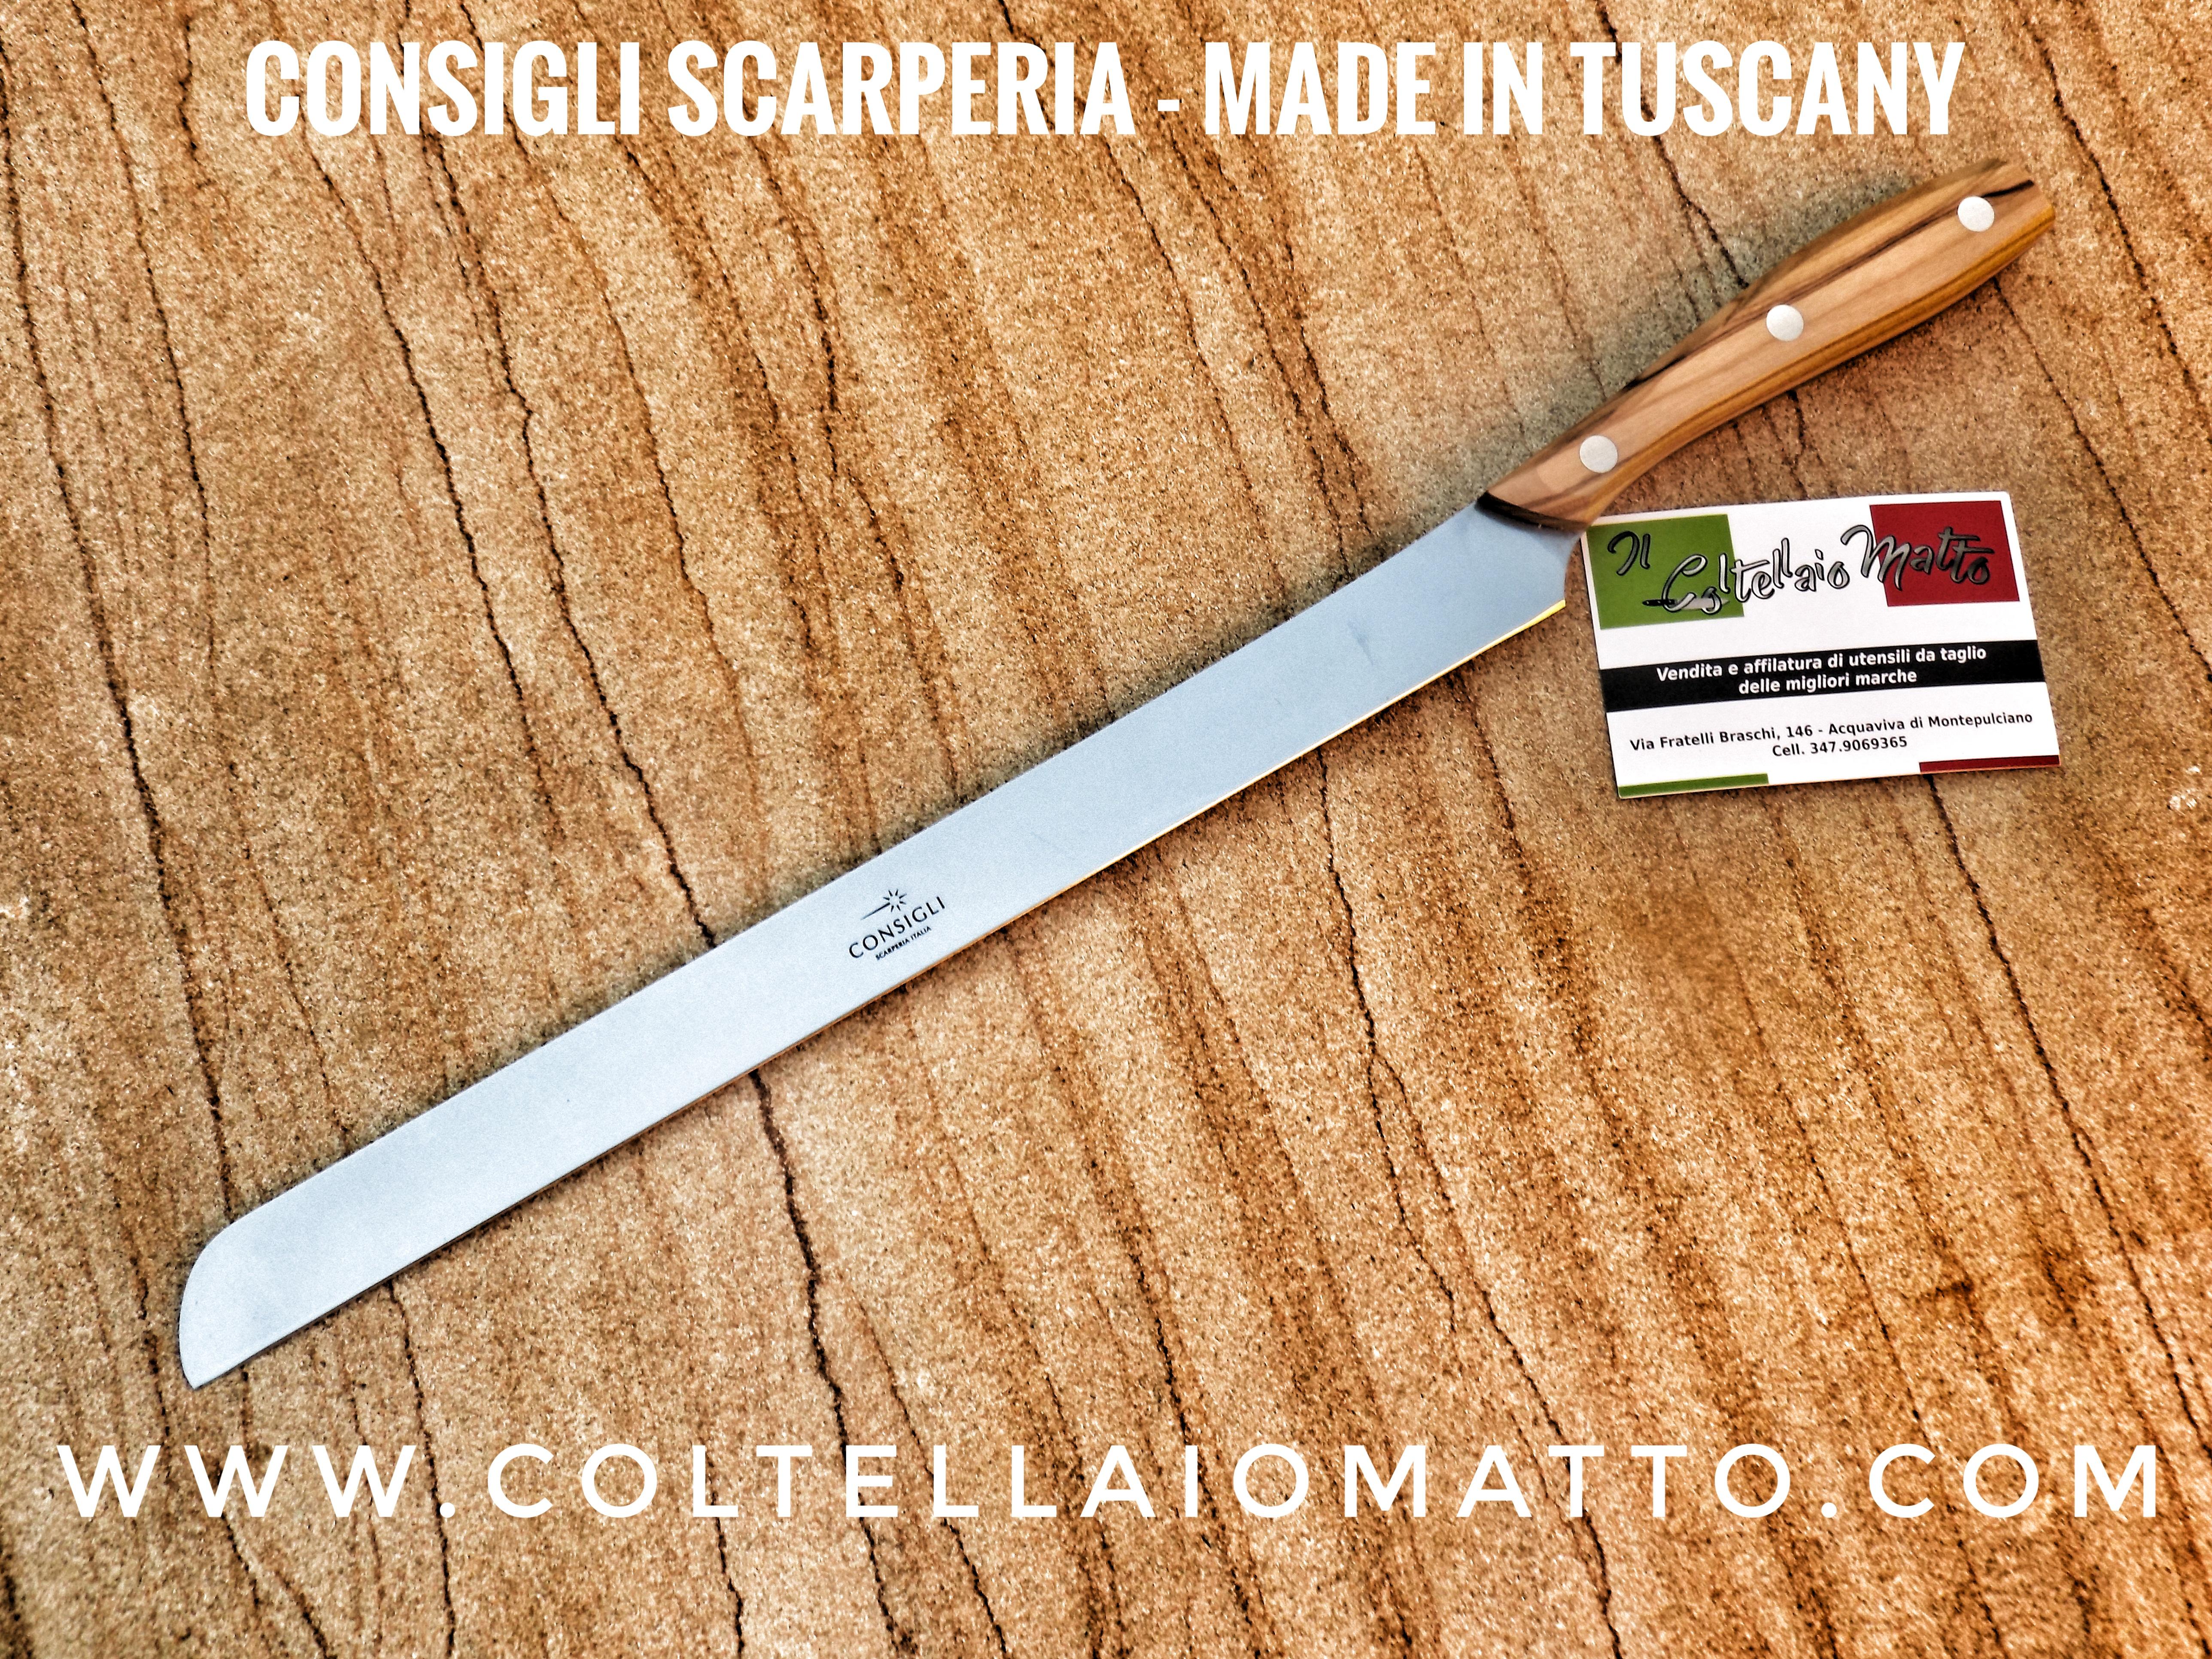 tuscany,Olivo, PROSCIUTTO,Coltello